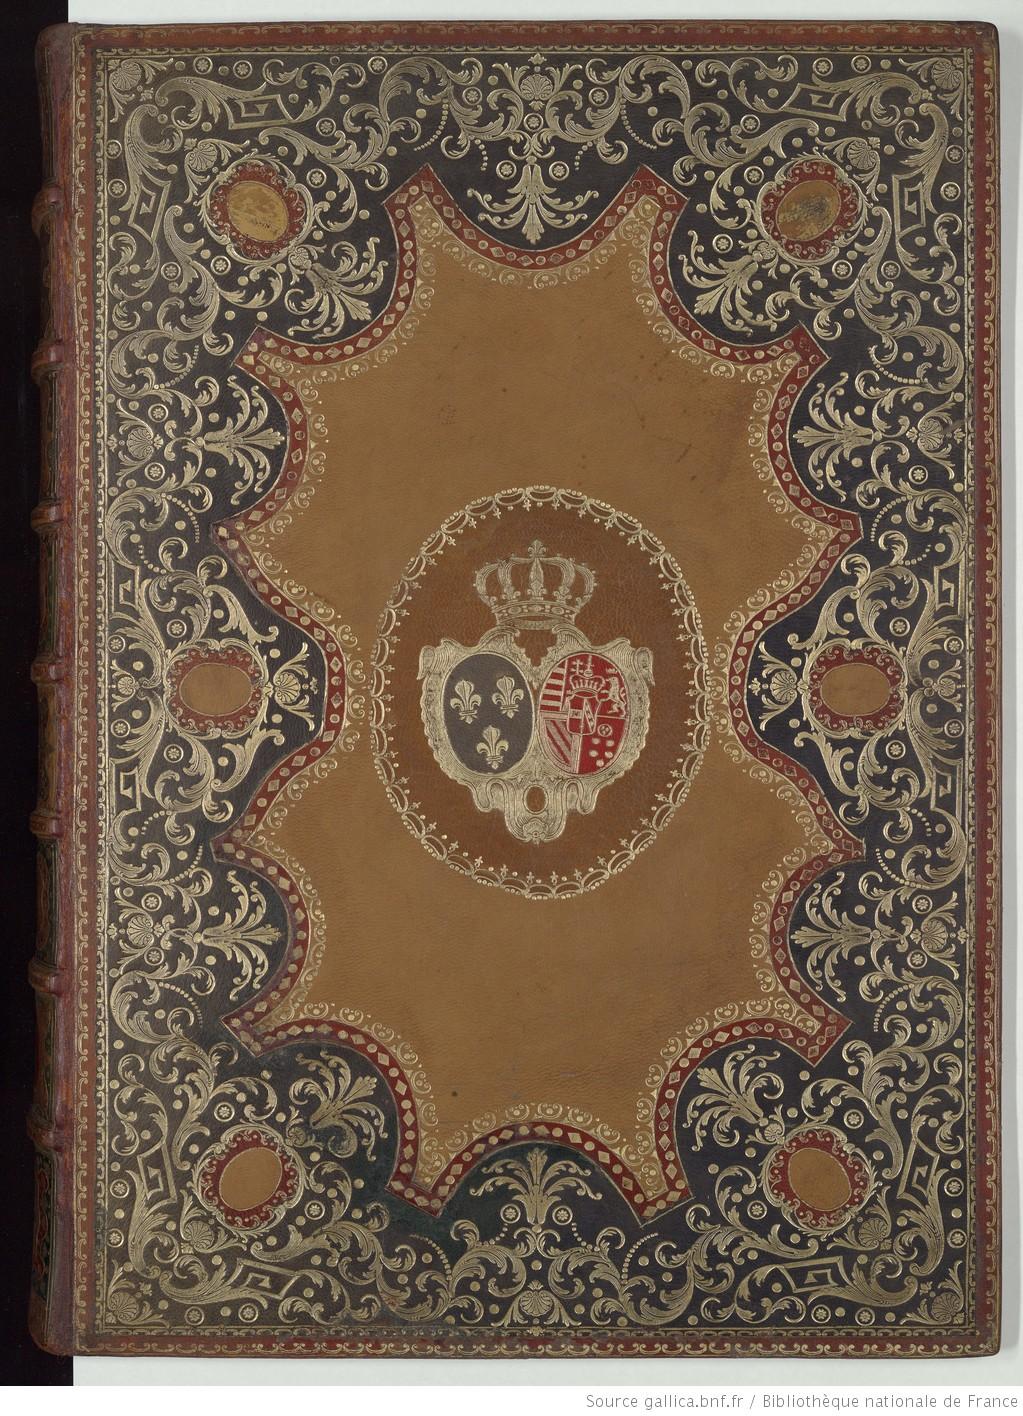 Généalogie, Héraldique, Armoiries, et Blasons de Marie-Antoinette - Page 2 La_ger10